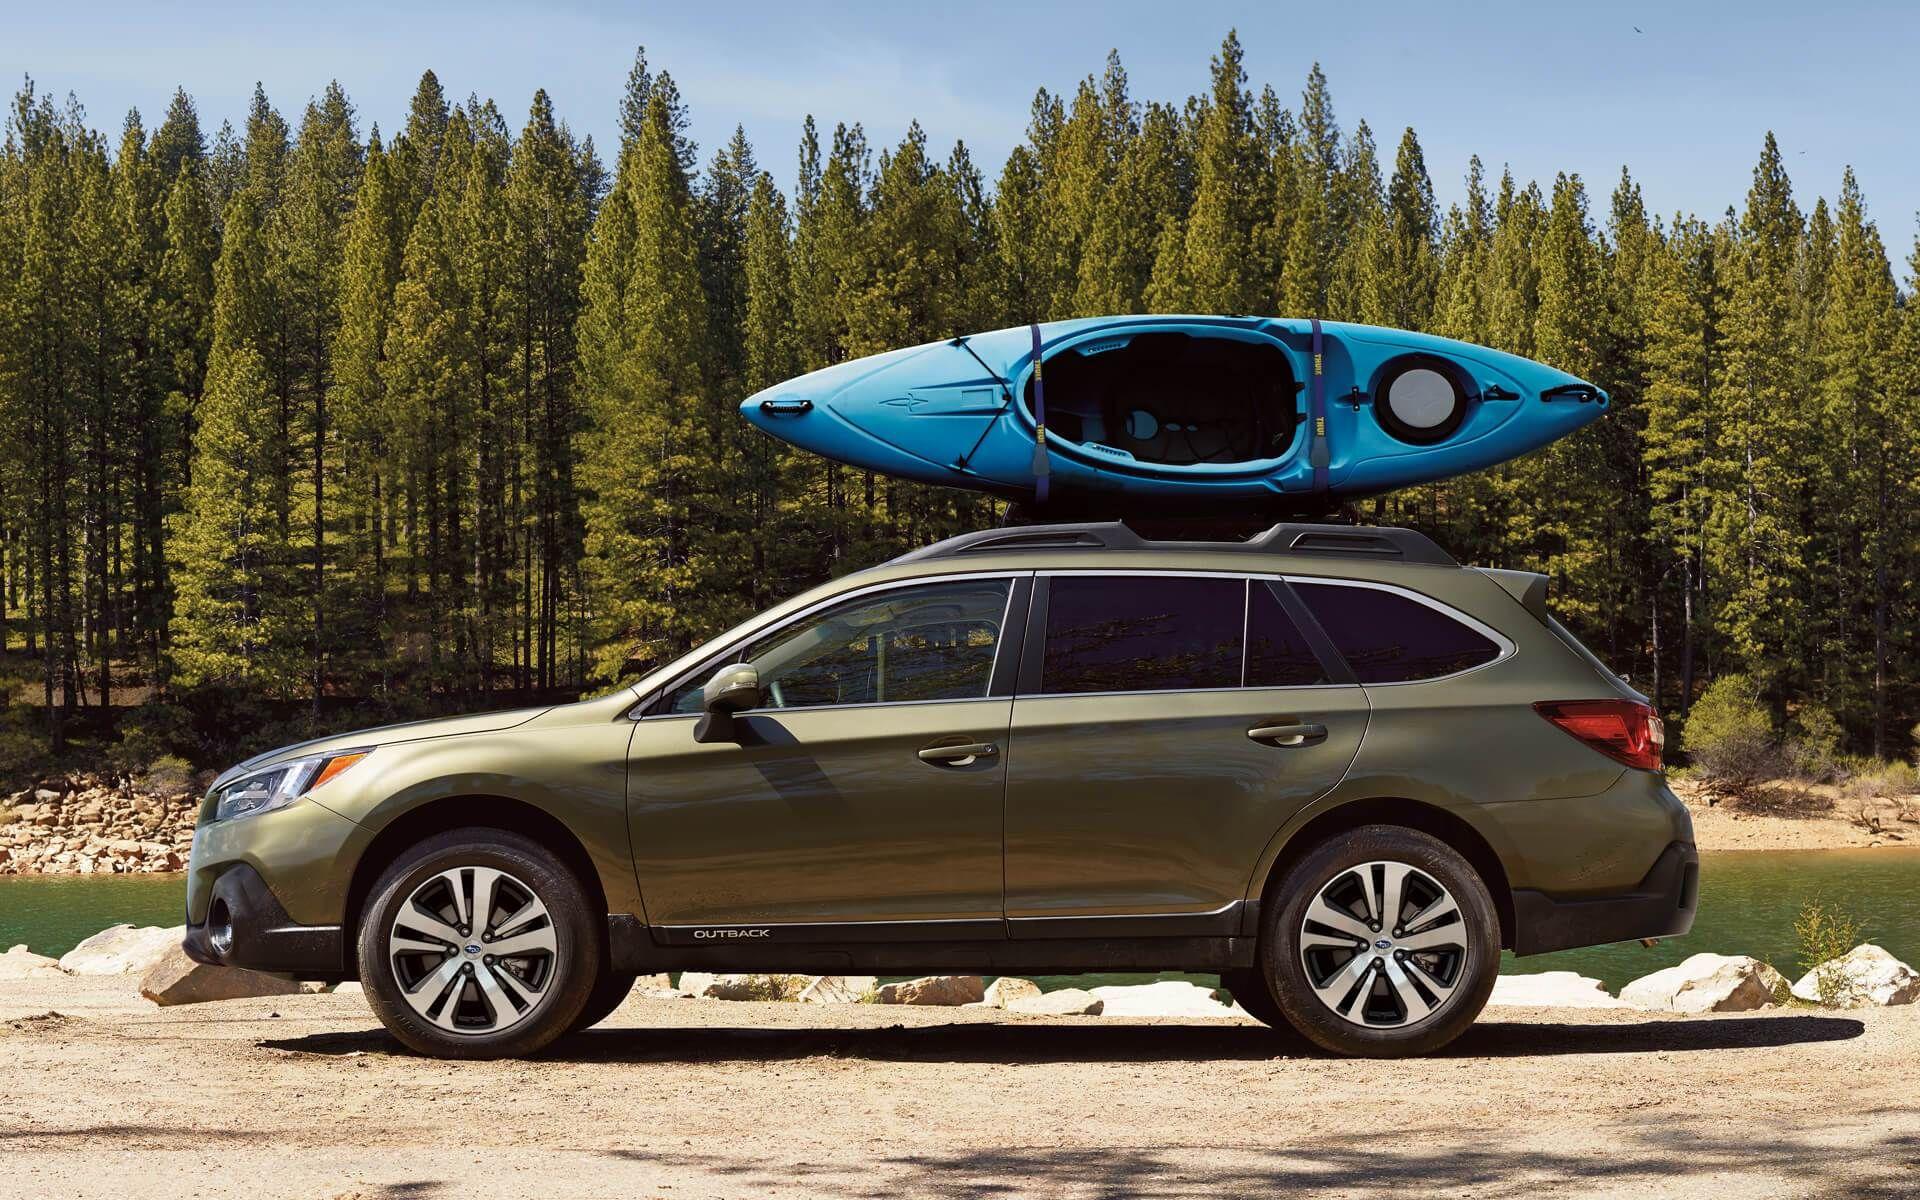 2018 Subaru Outback | Good Stuff | Subaru outback, Subaru